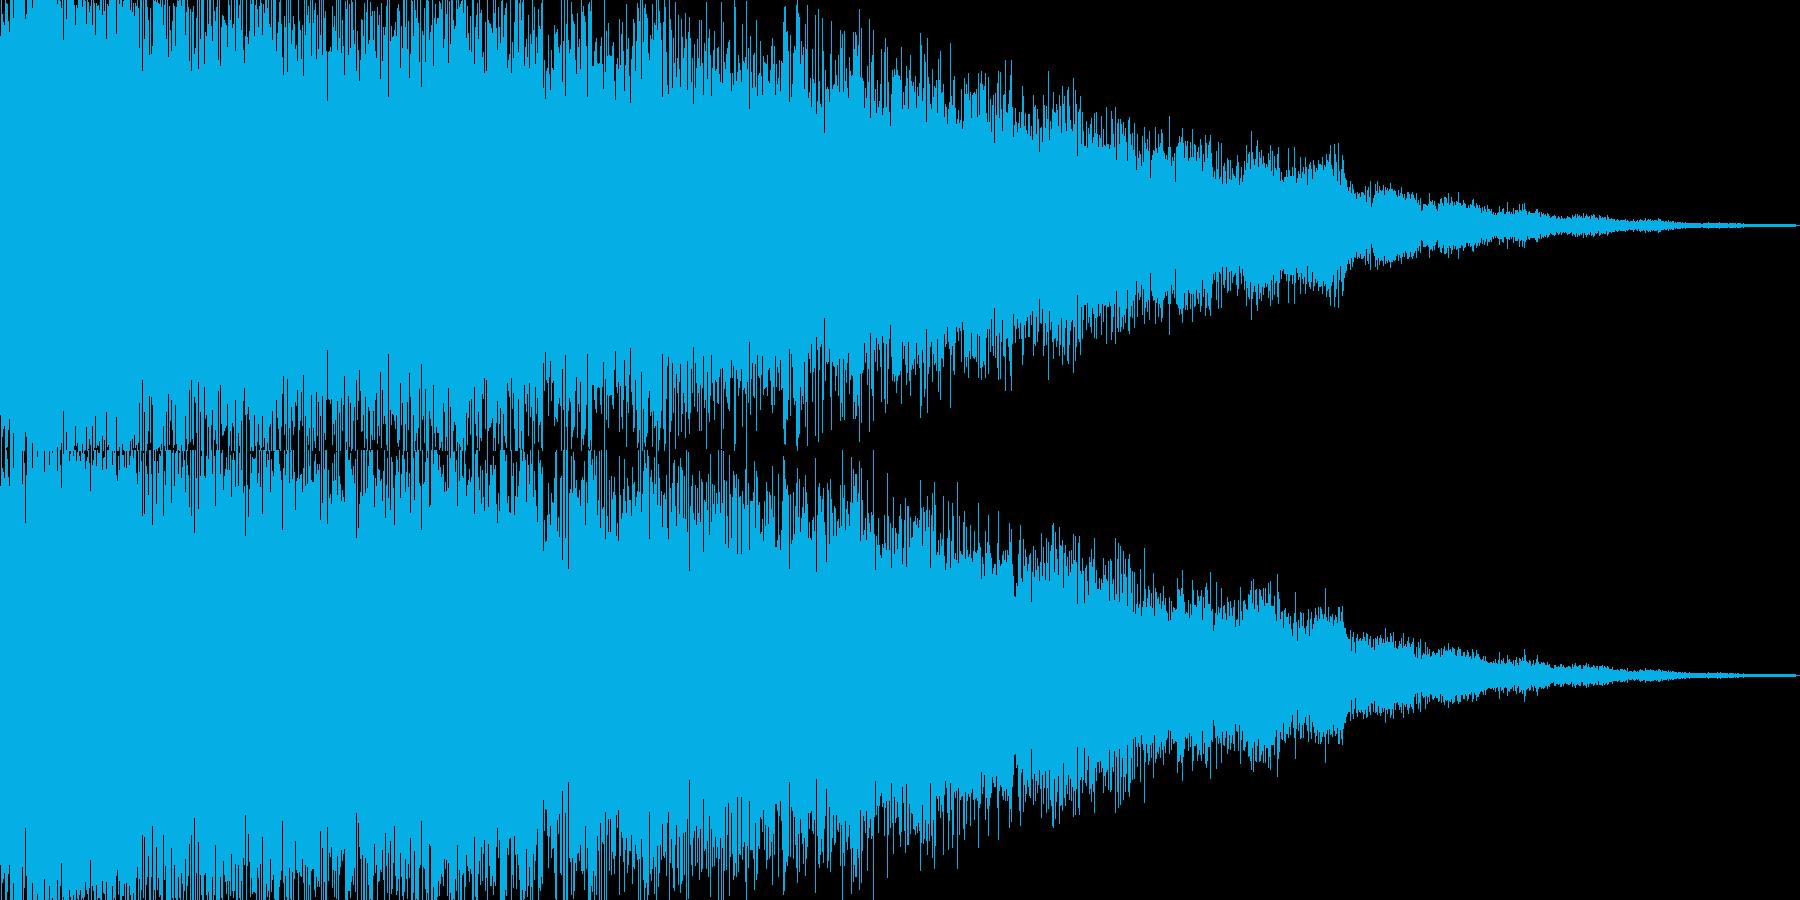 【パキーン】パチンコなどの演出にの再生済みの波形